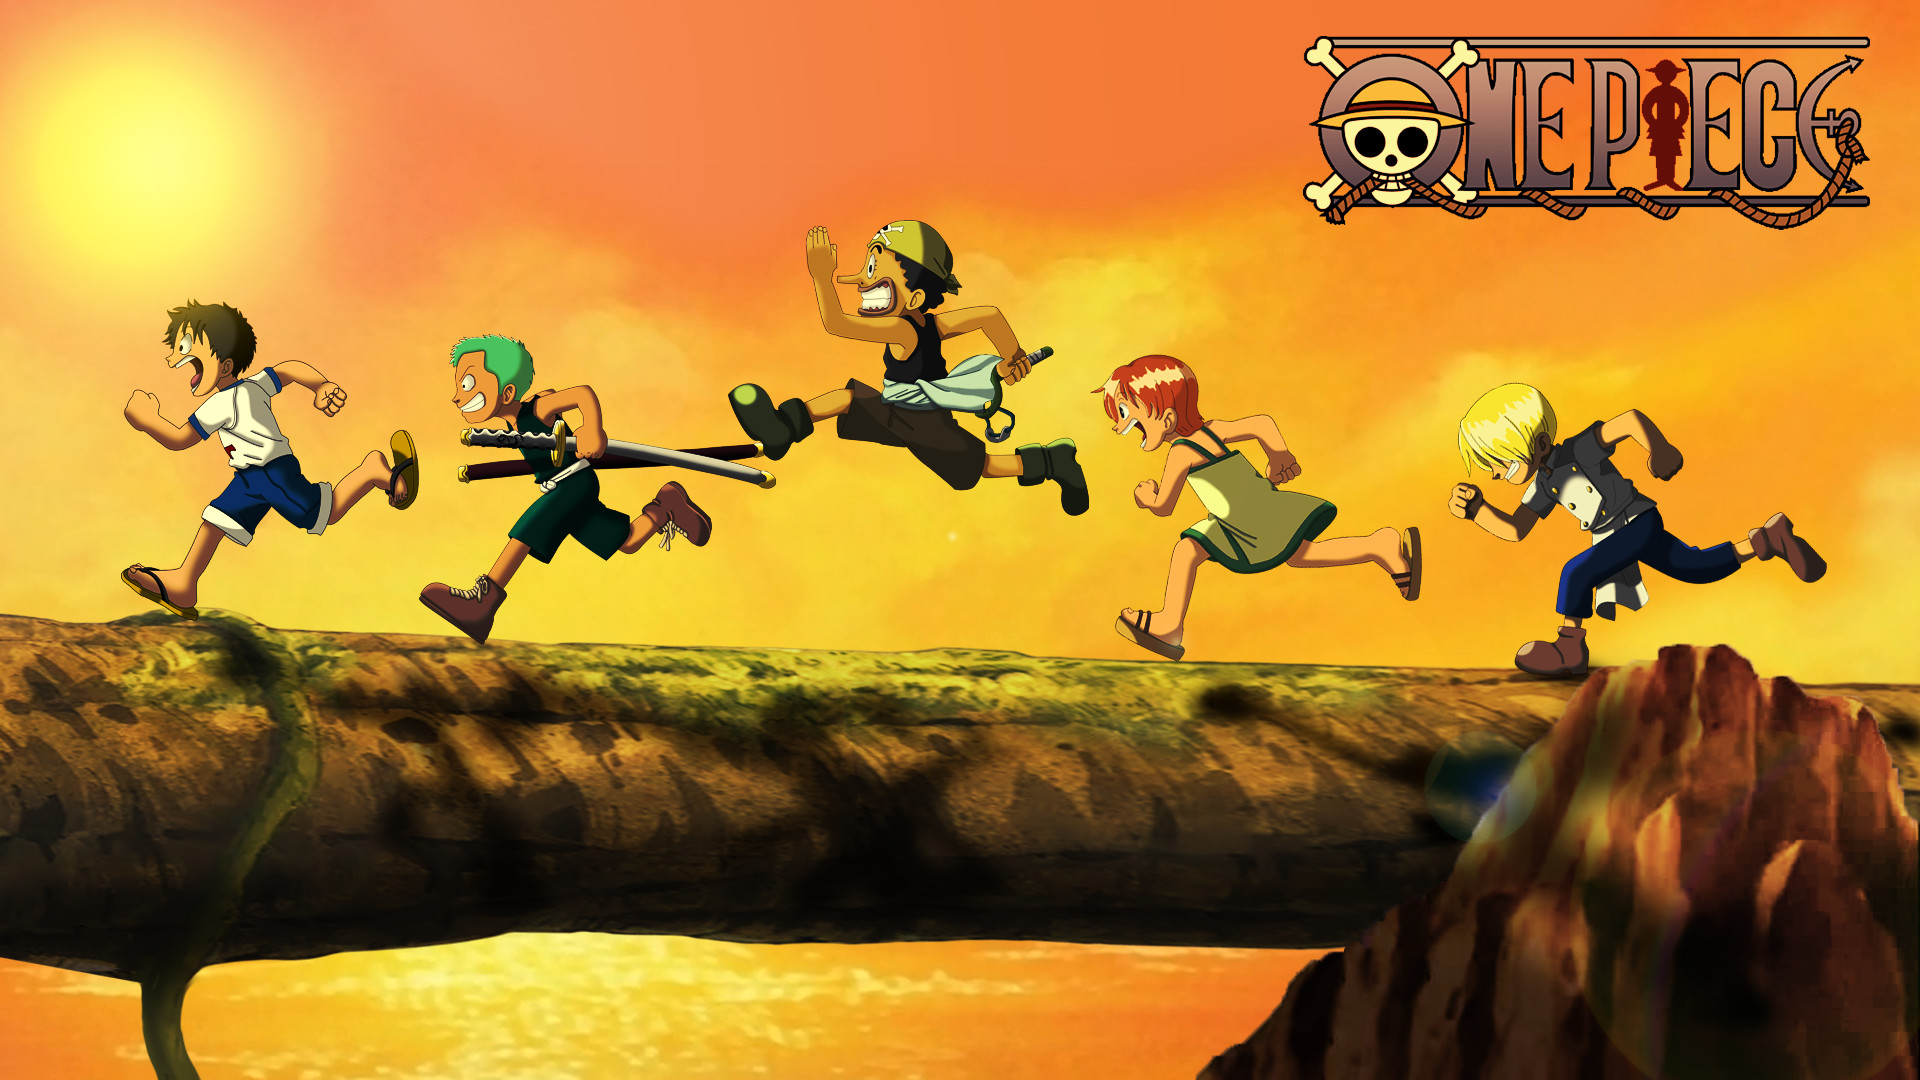 High Resolution Luffy Gear 4 Wallpaper Hd Gambarku